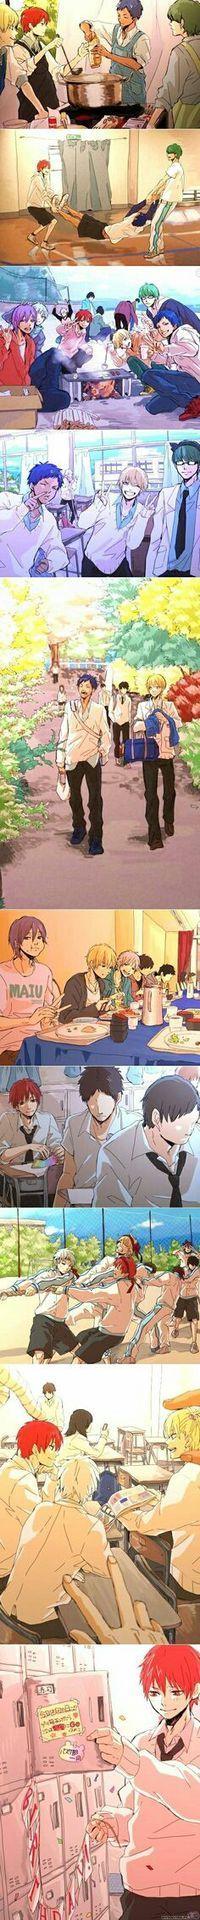 Kuroko no Basuke Manga Anime, Fanarts Anime, Anime Art, Kuroko No Basket, Cute Anime Boy, Anime Love, Anime Guys, Kise Ryouta, Kuroko Tetsuya